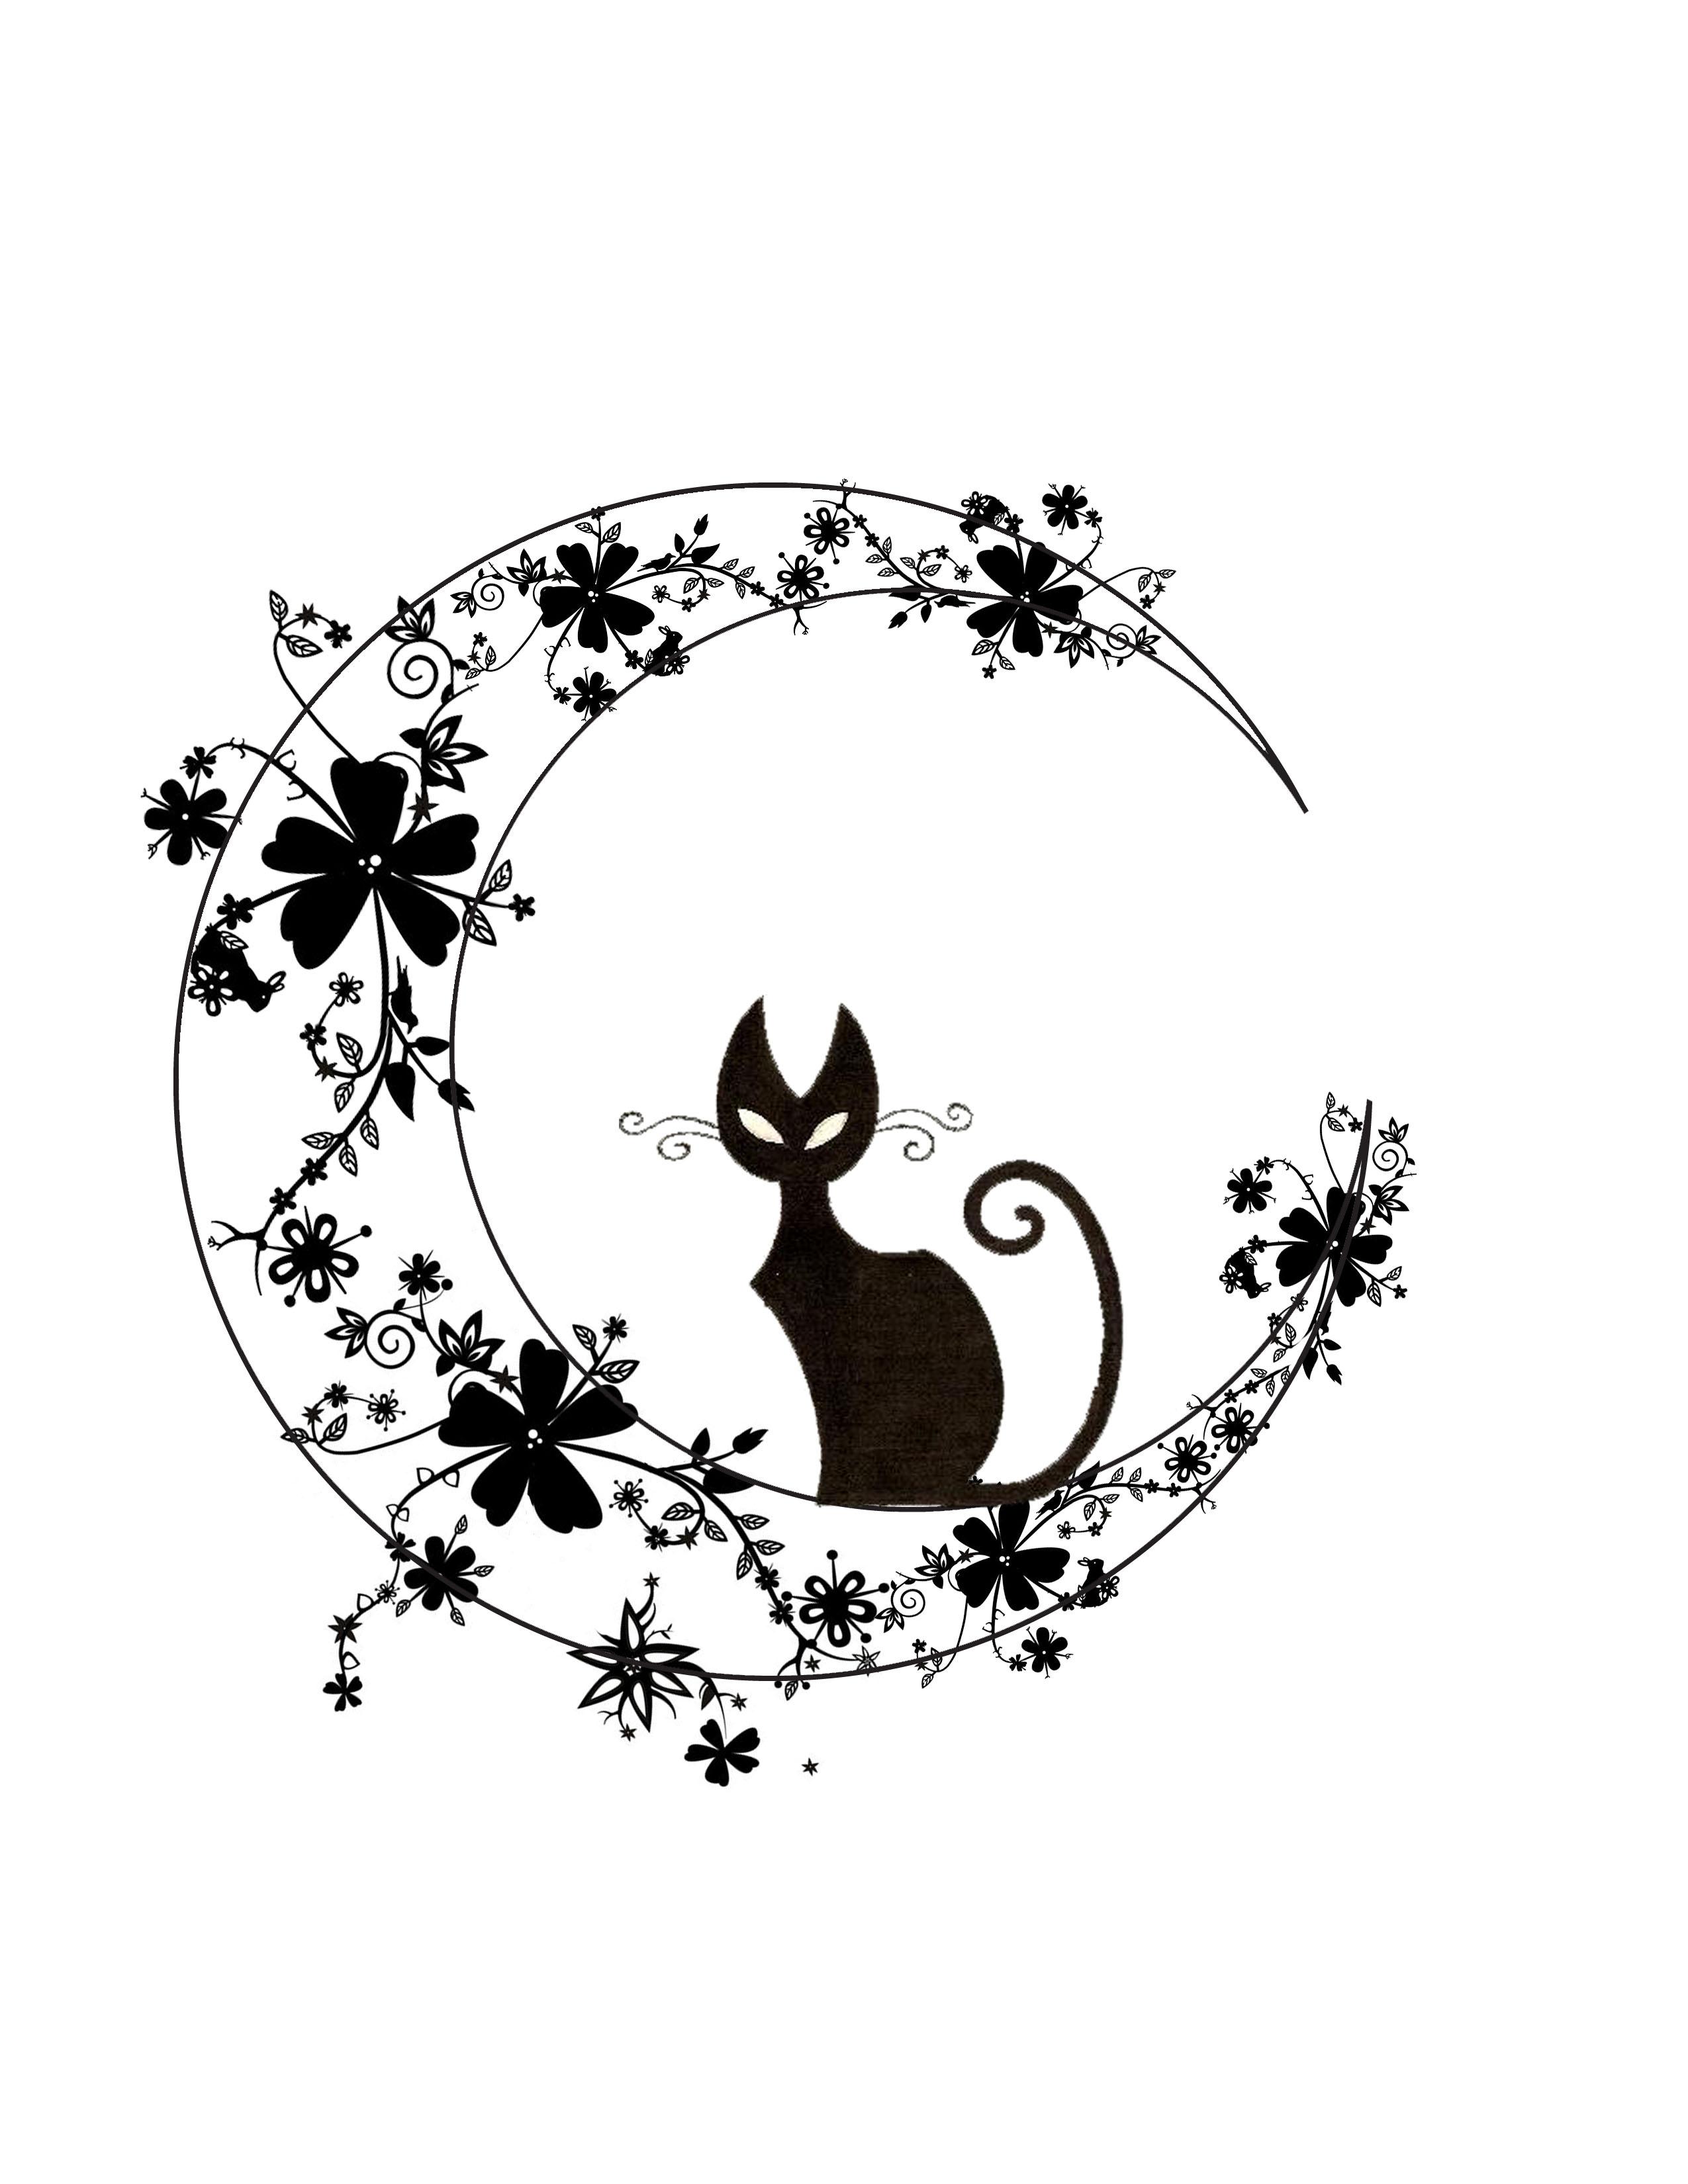 2550x3300 Black Cat Blackbar Crooked Letter Films Black